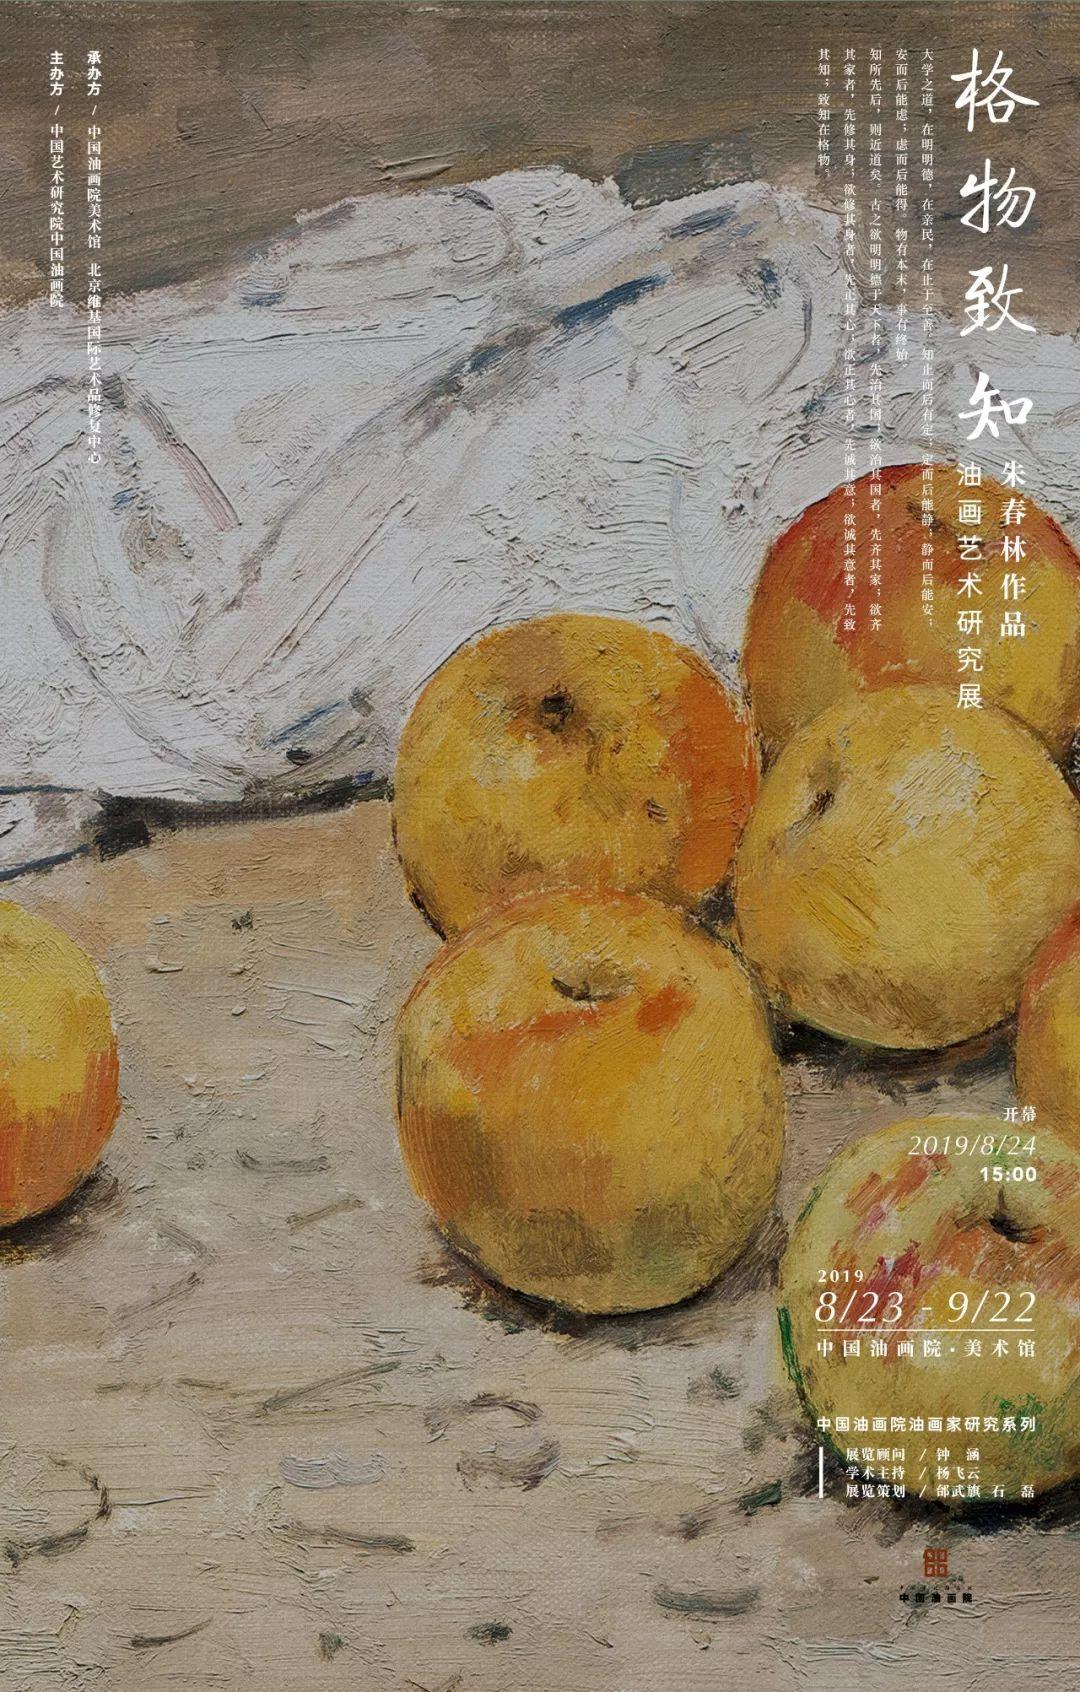 展览 | 格物致知——朱春林油画研究展  艺术相关  第4张